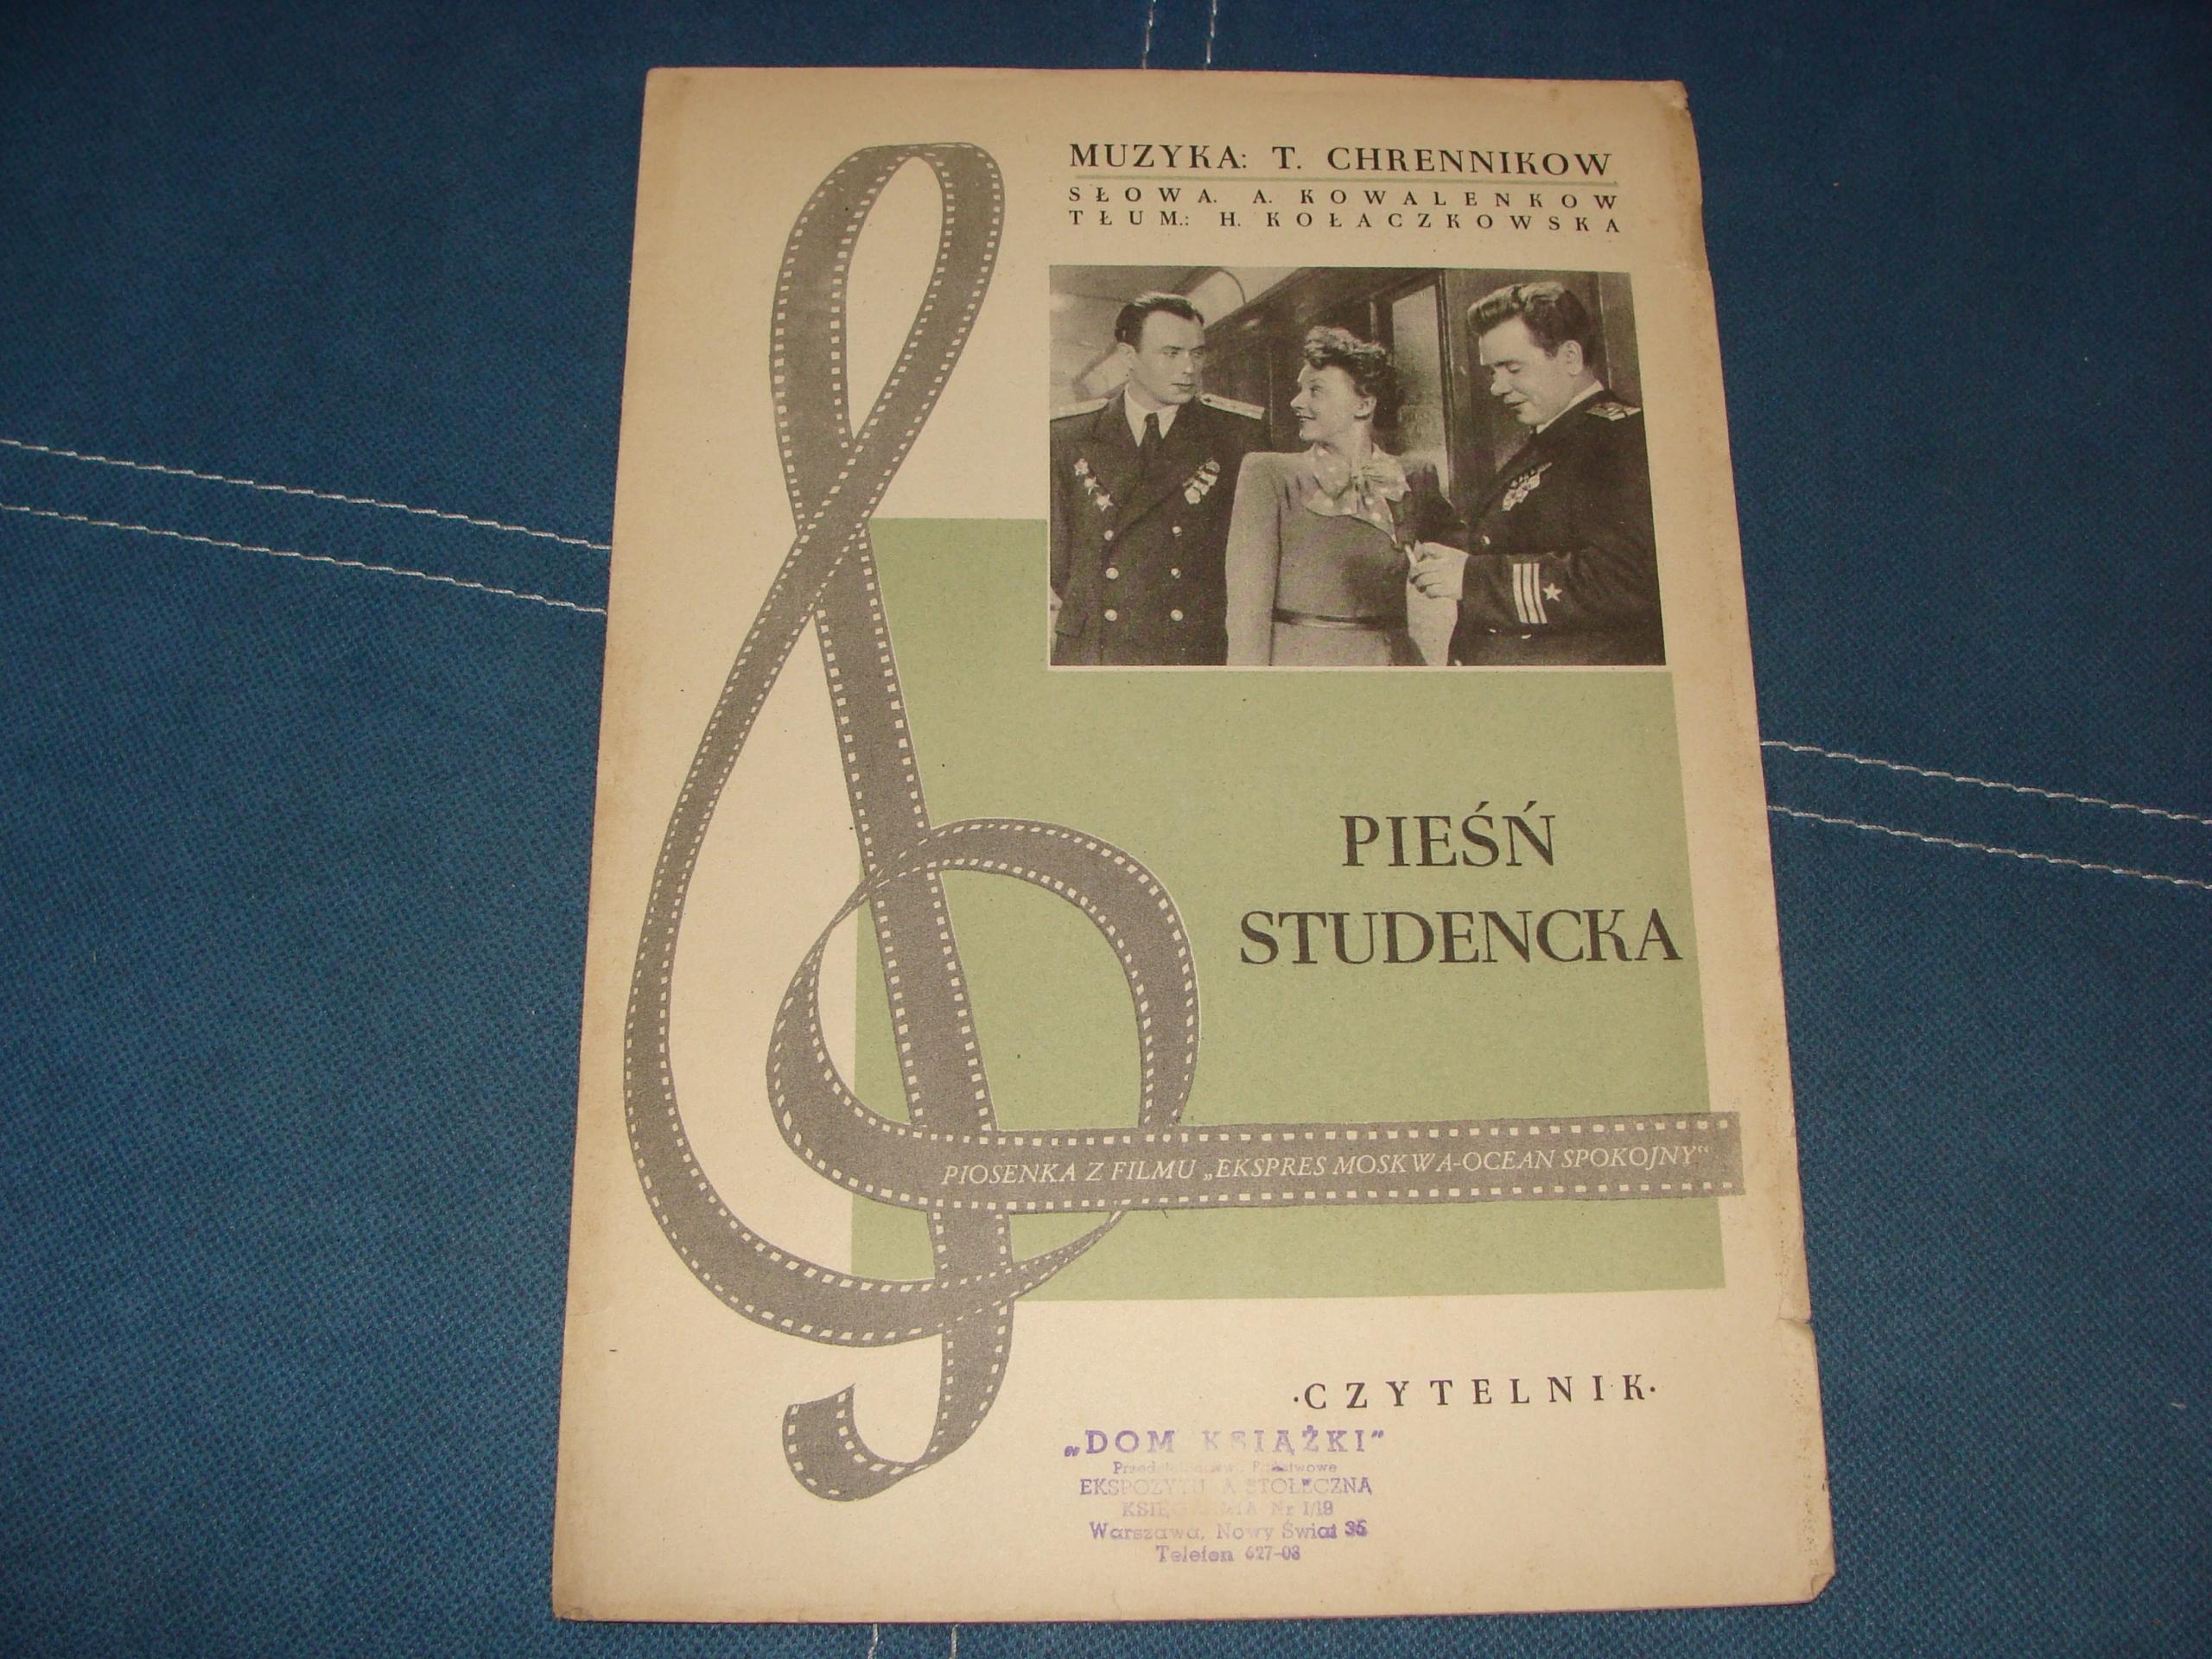 СТУДЕНЧЕСКАЯ ПЕСНЯ 1953 г.